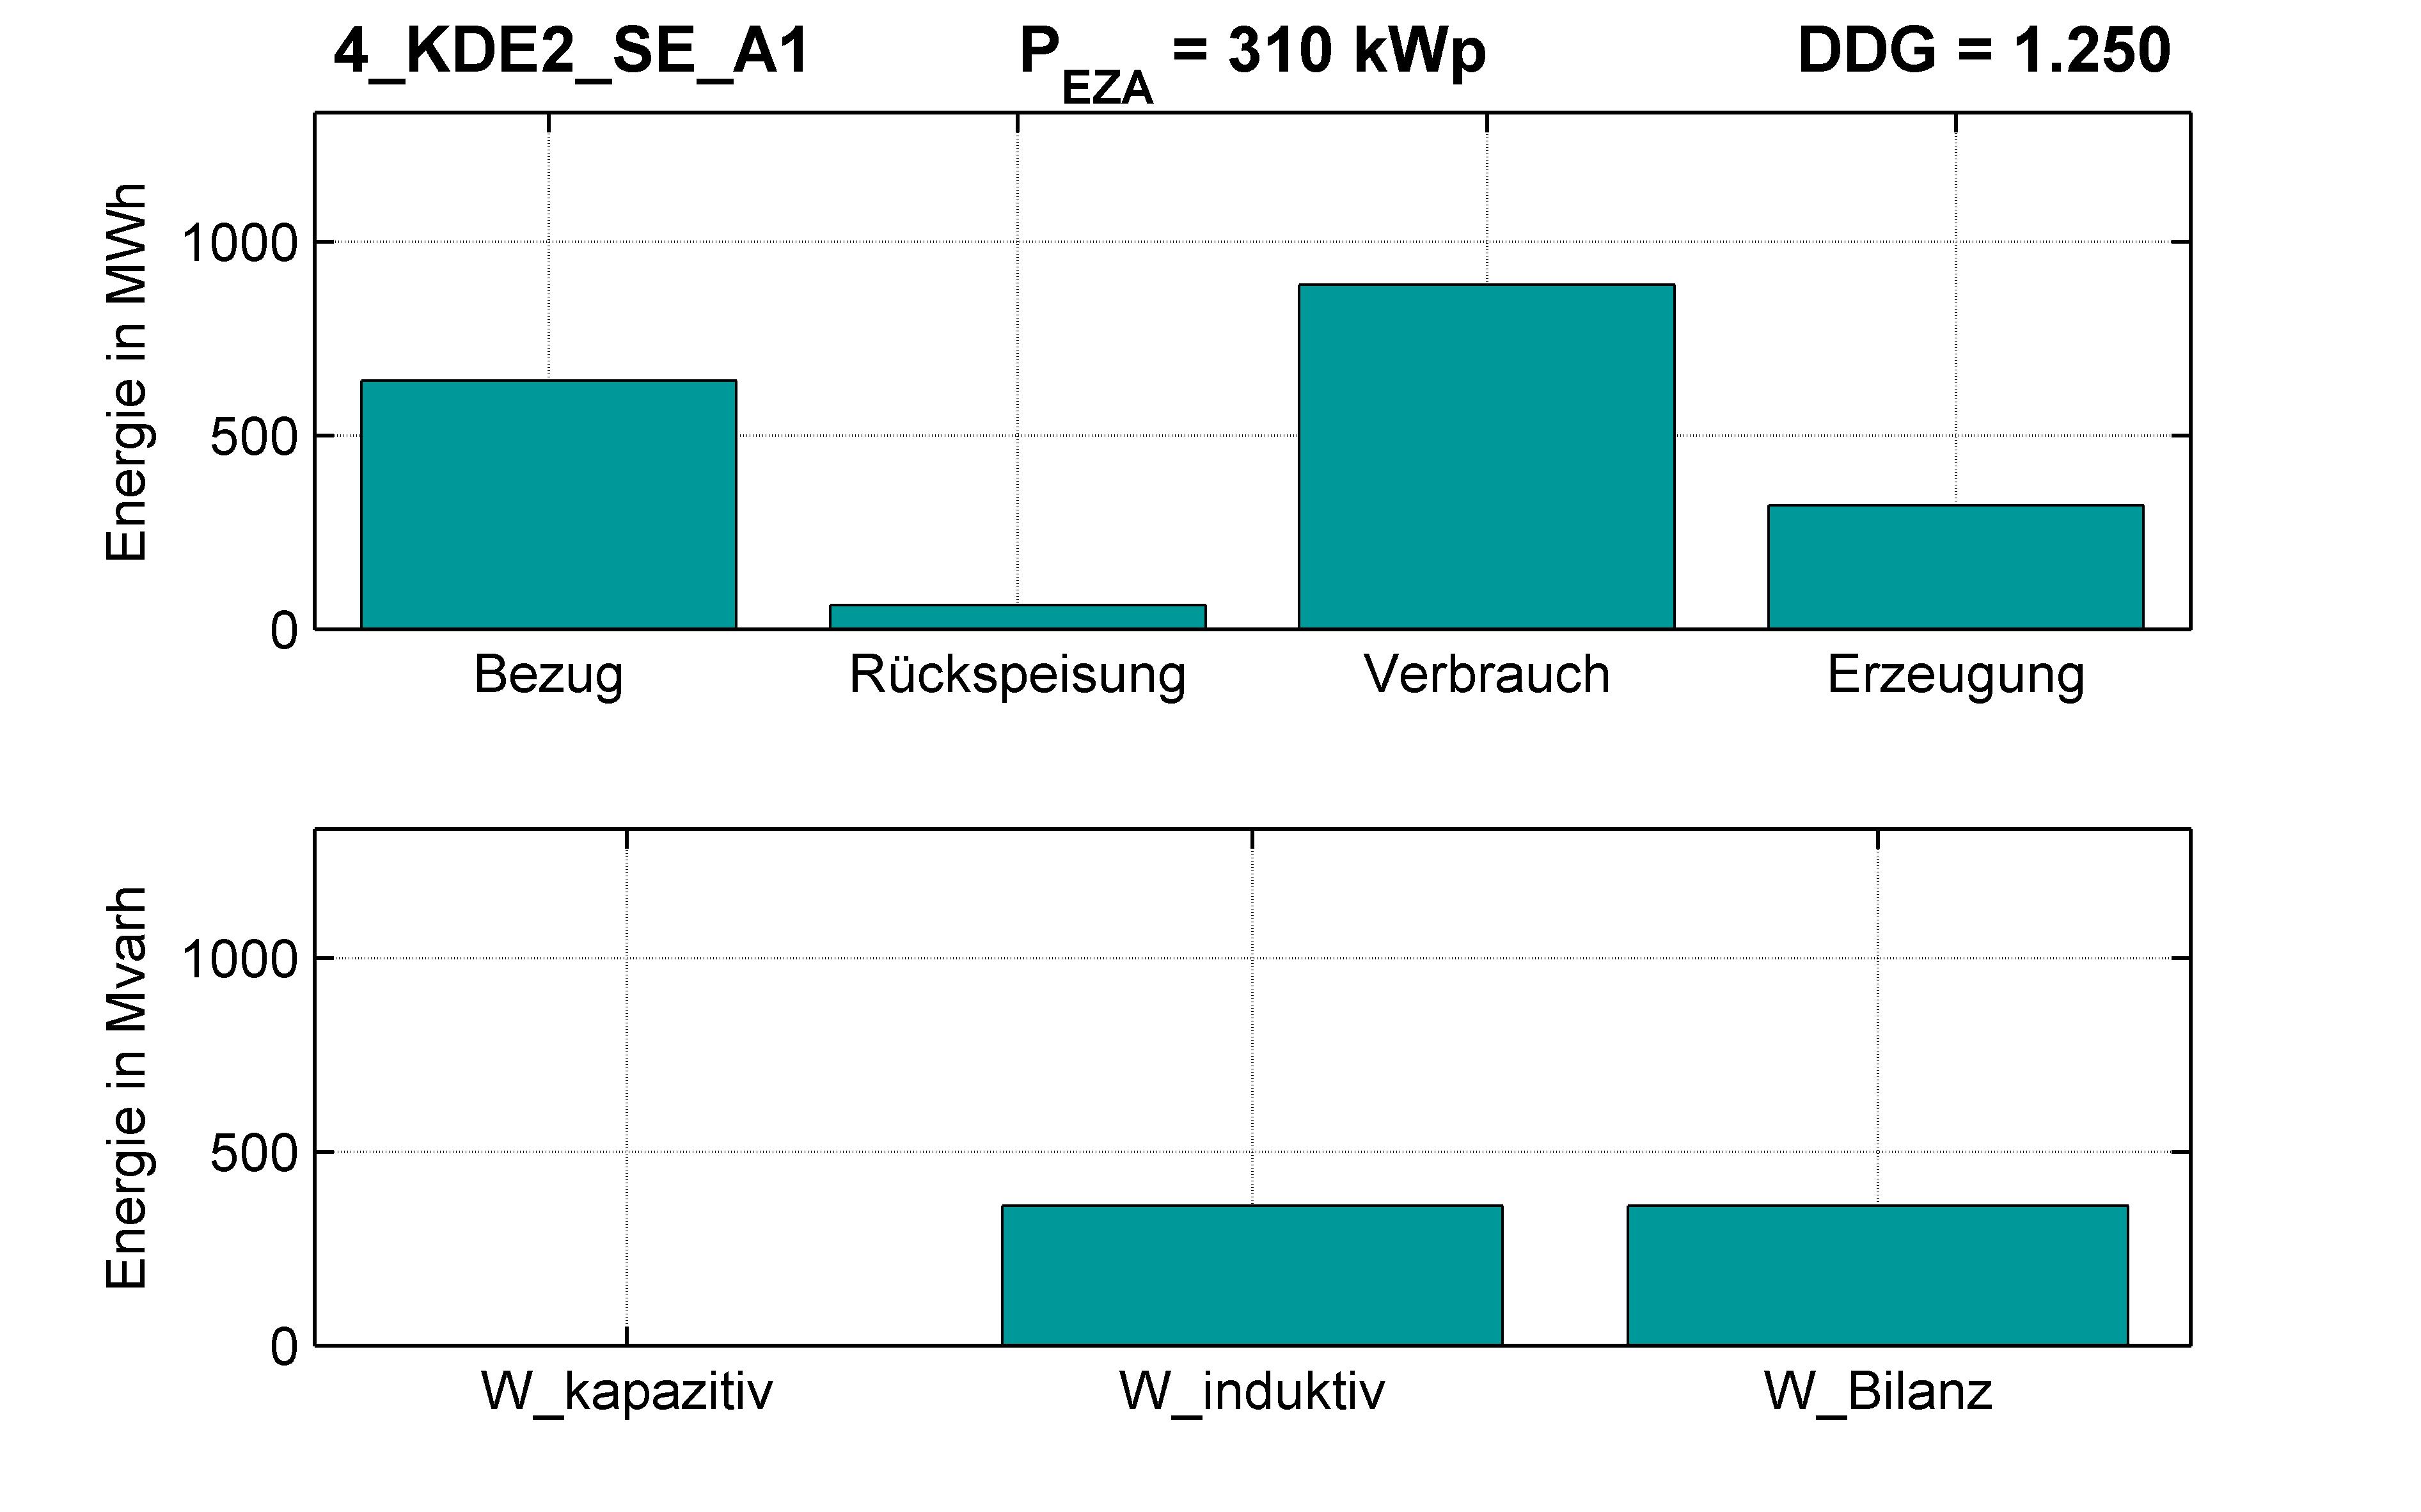 KDE2 | P-Kappung 55% (SE) A1 | PQ-Bilanz